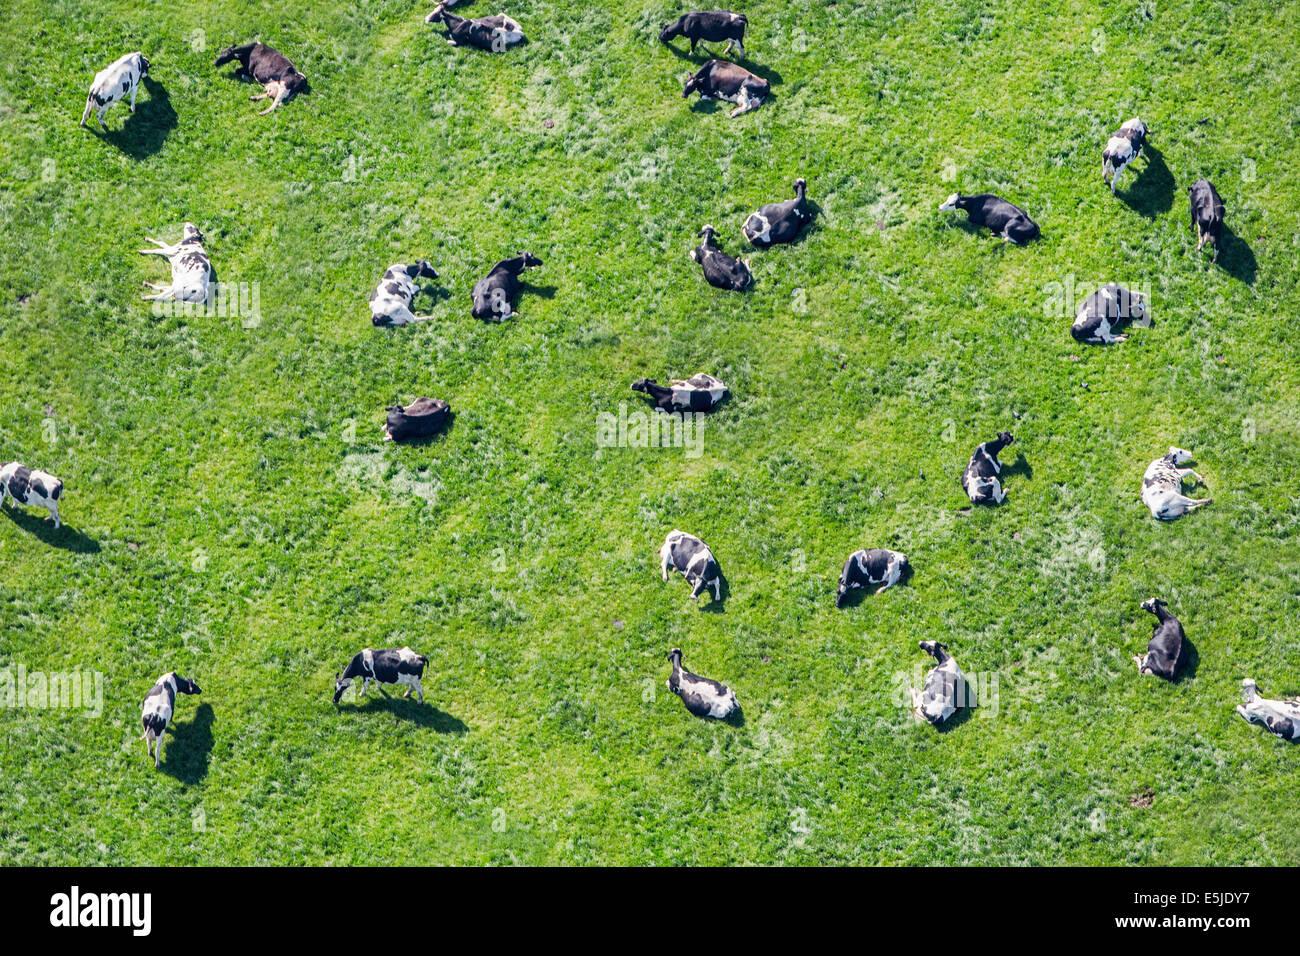 Netherlands, Eenigenburg. Cows in meadow ruminating. Aerial - Stock Image